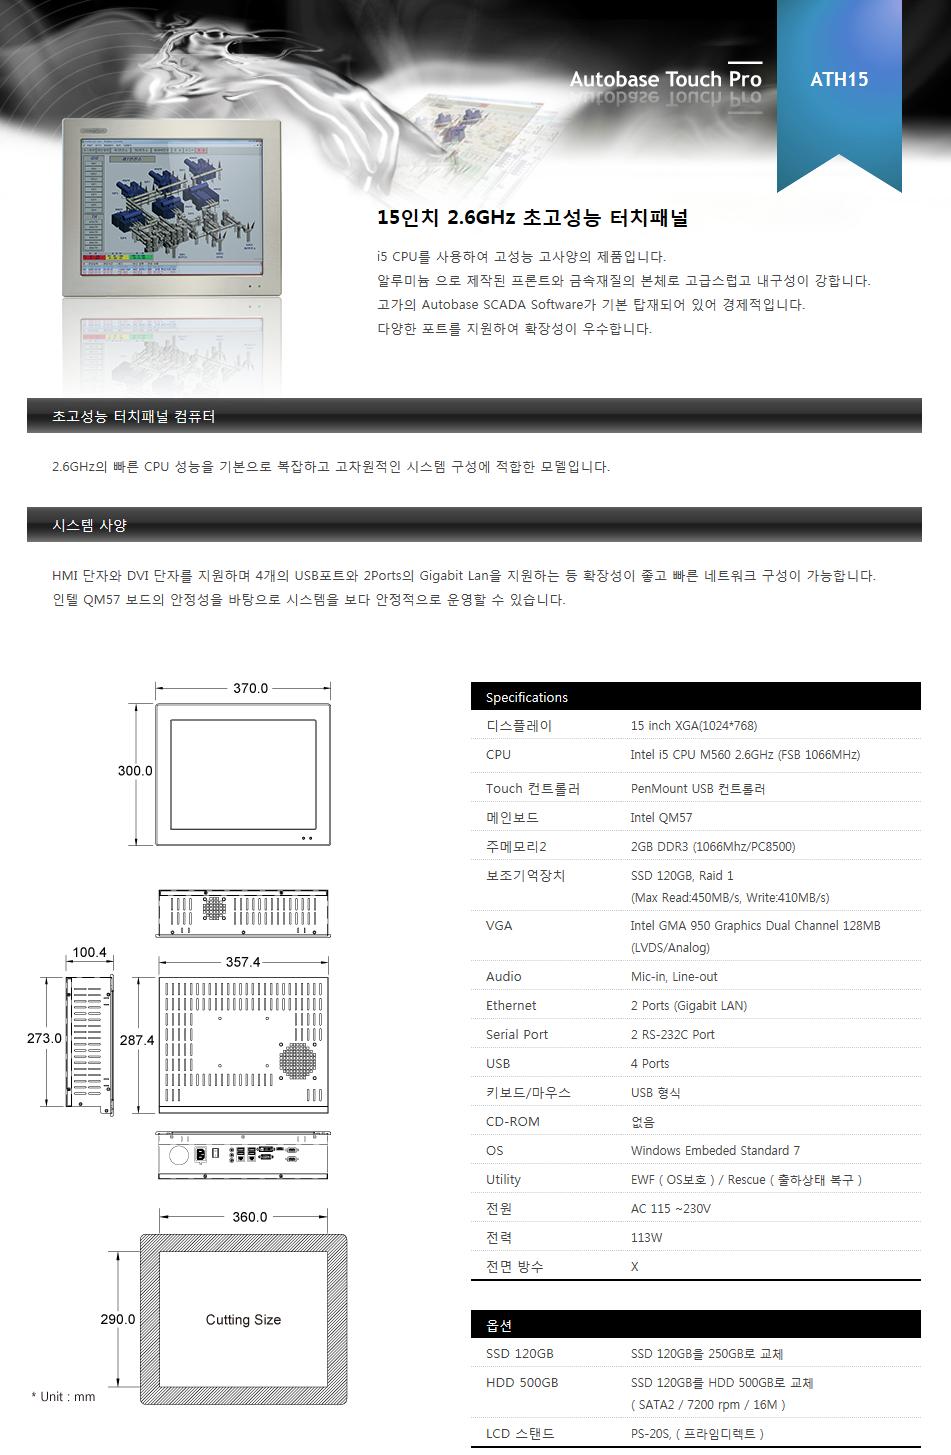 (주)오토베이스 15인치 2.6GHz 초고성능 터치패널 Touch Hyper 1